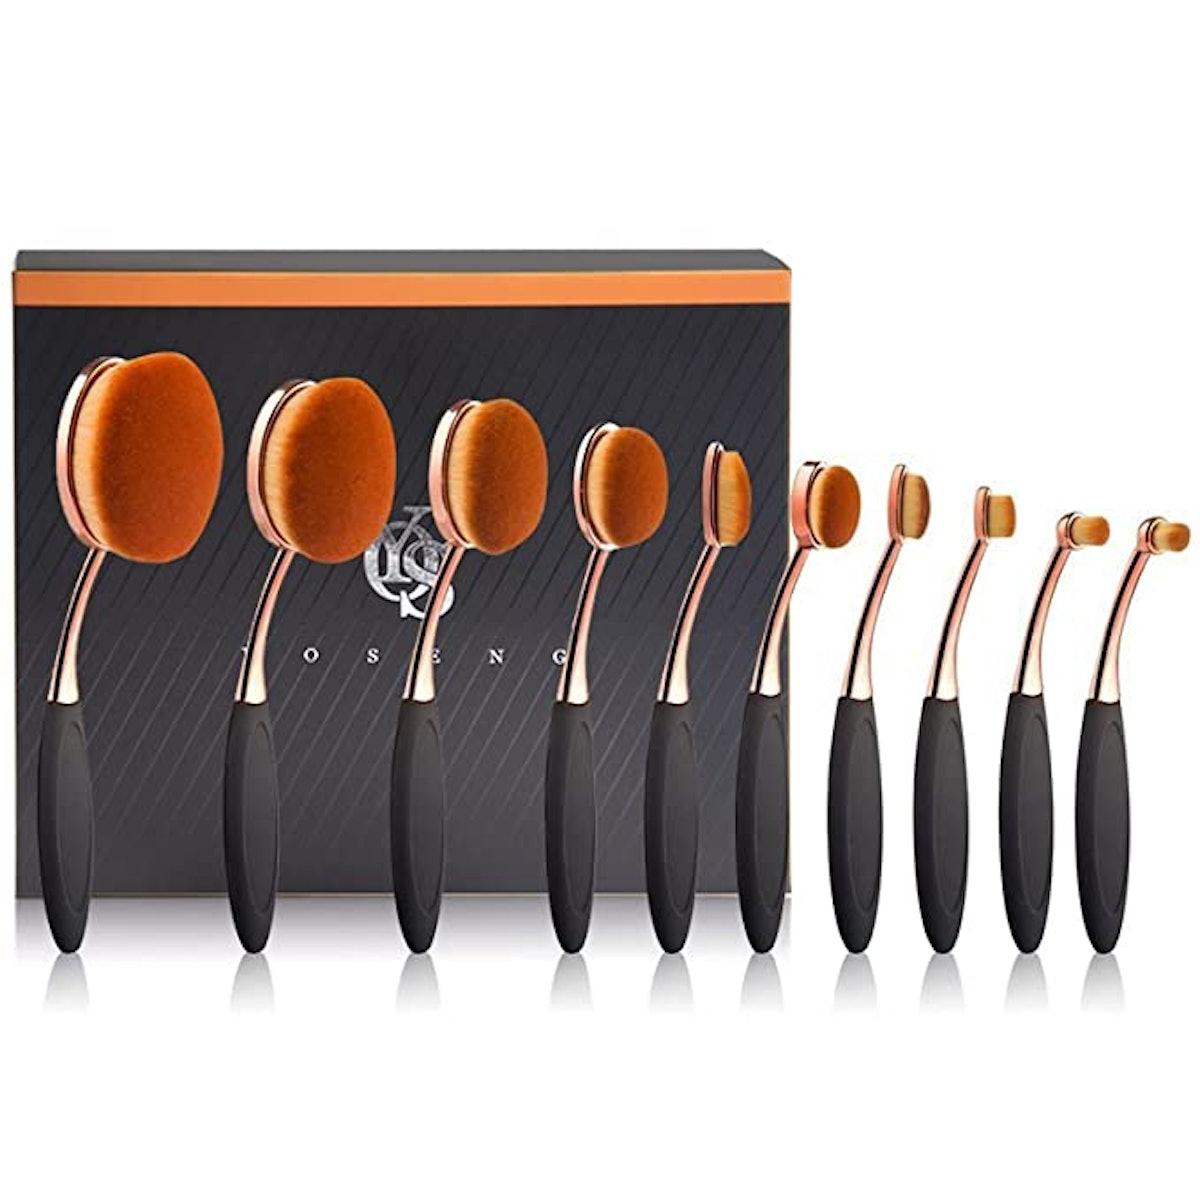 Yoseng Makeup Brushes (10 Pieces)